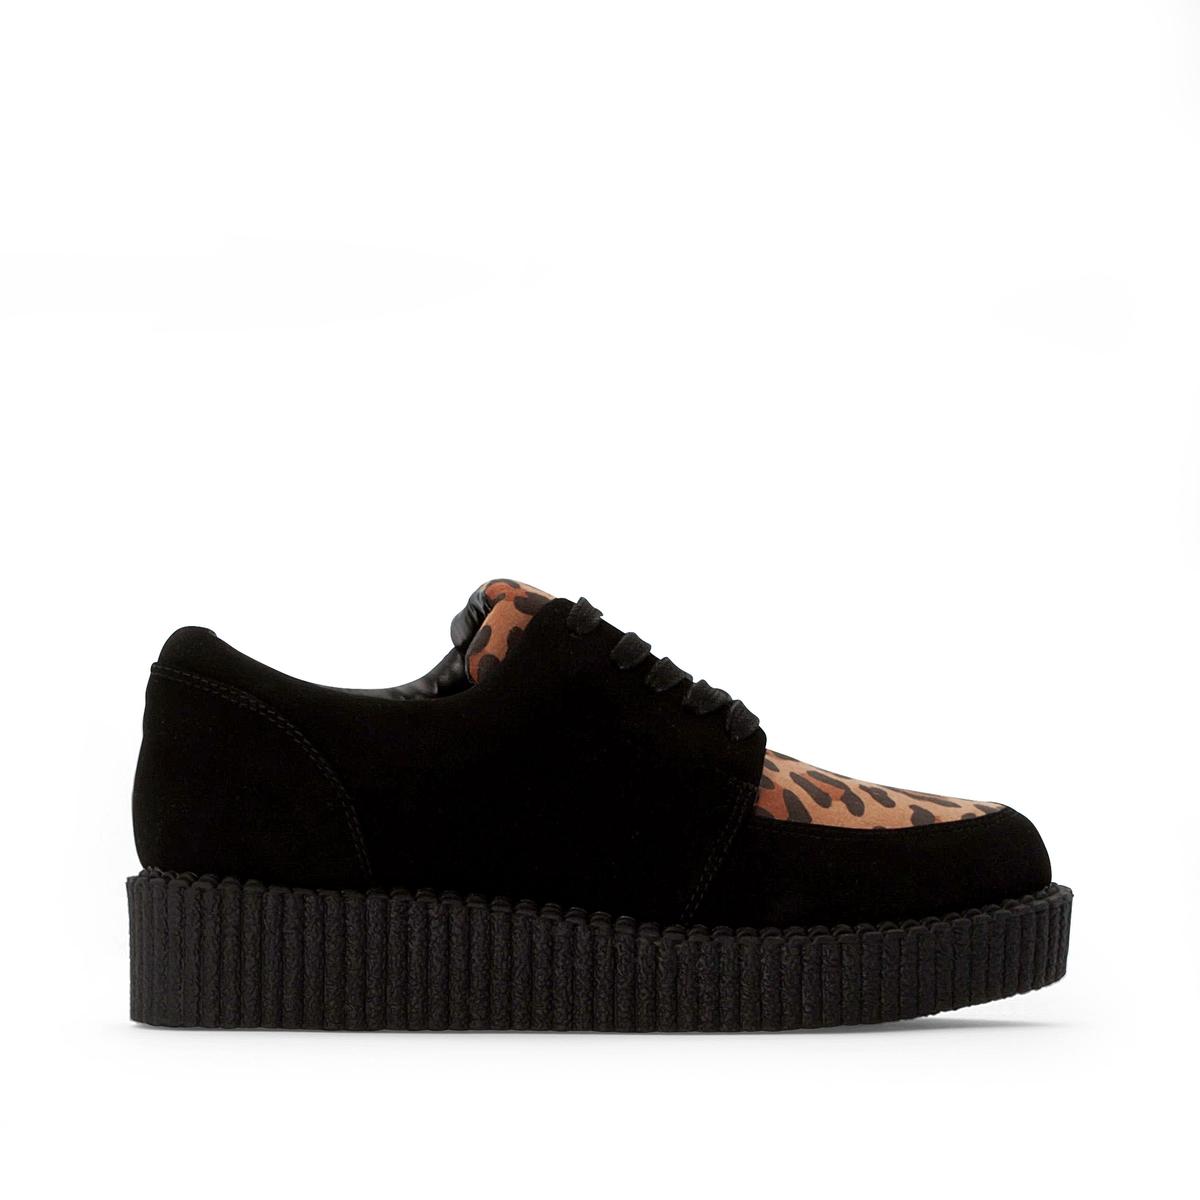 цена Ботинки-дерби La Redoute Двухцветные на шнуровке 36 другие онлайн в 2017 году